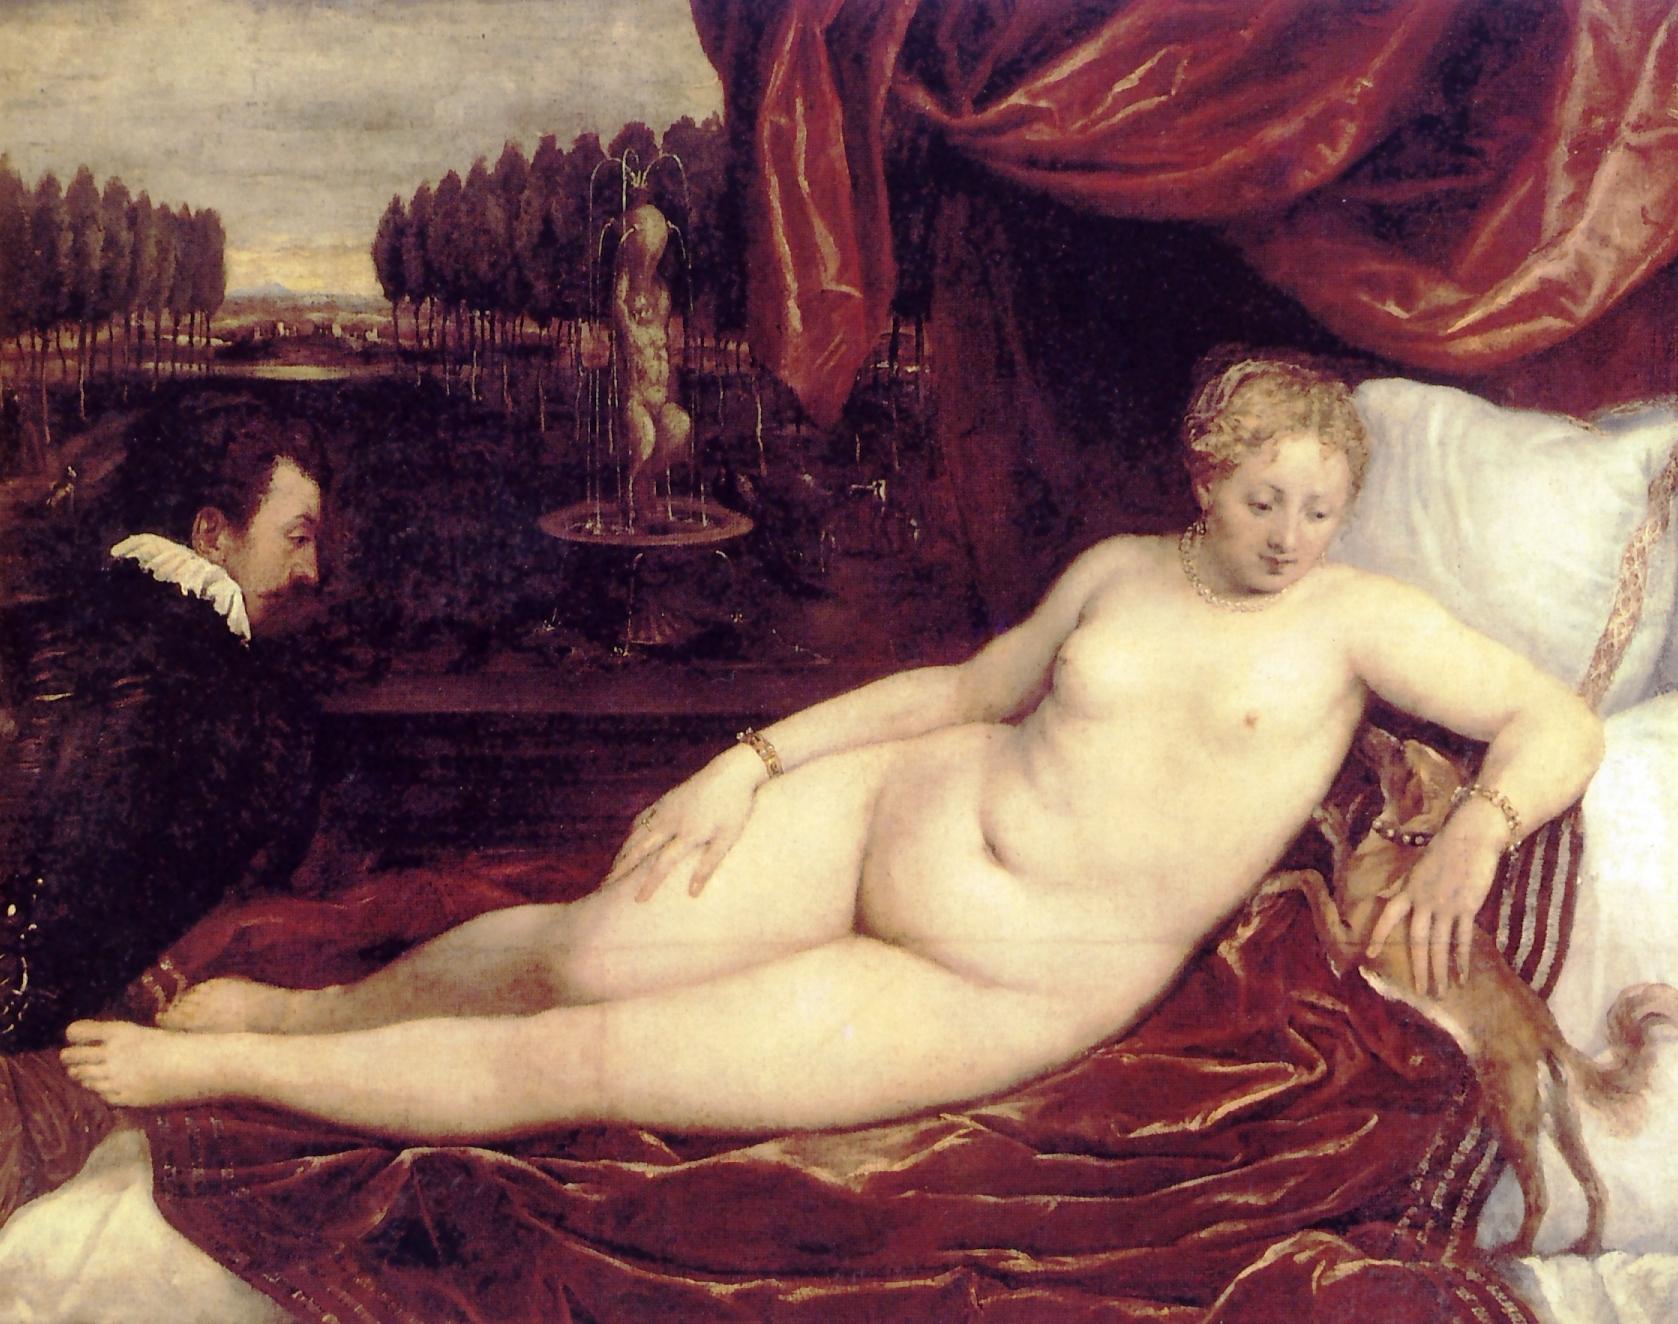 sesso ed erotismo miglior film erotico italiano